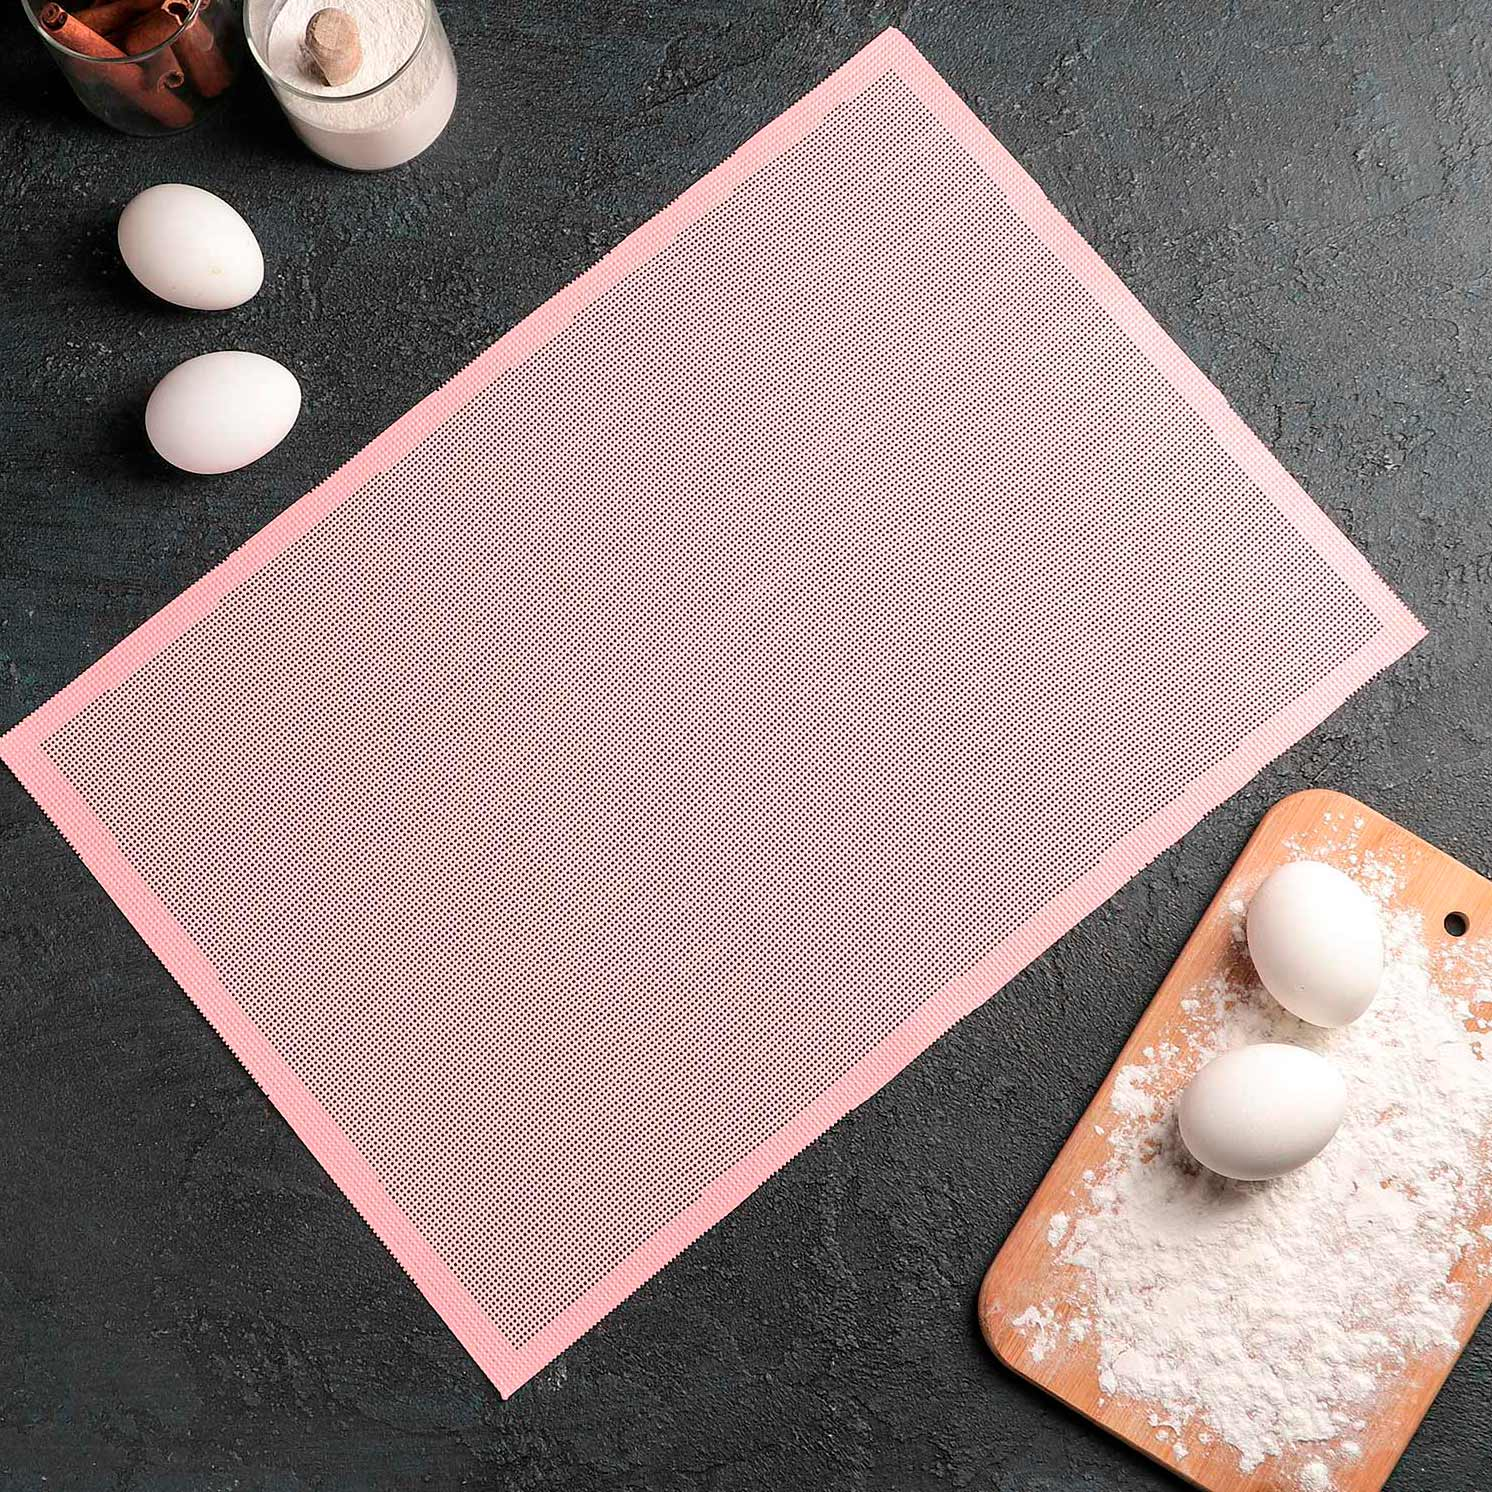 Коврик армированный «Амато», 42×29,6 см